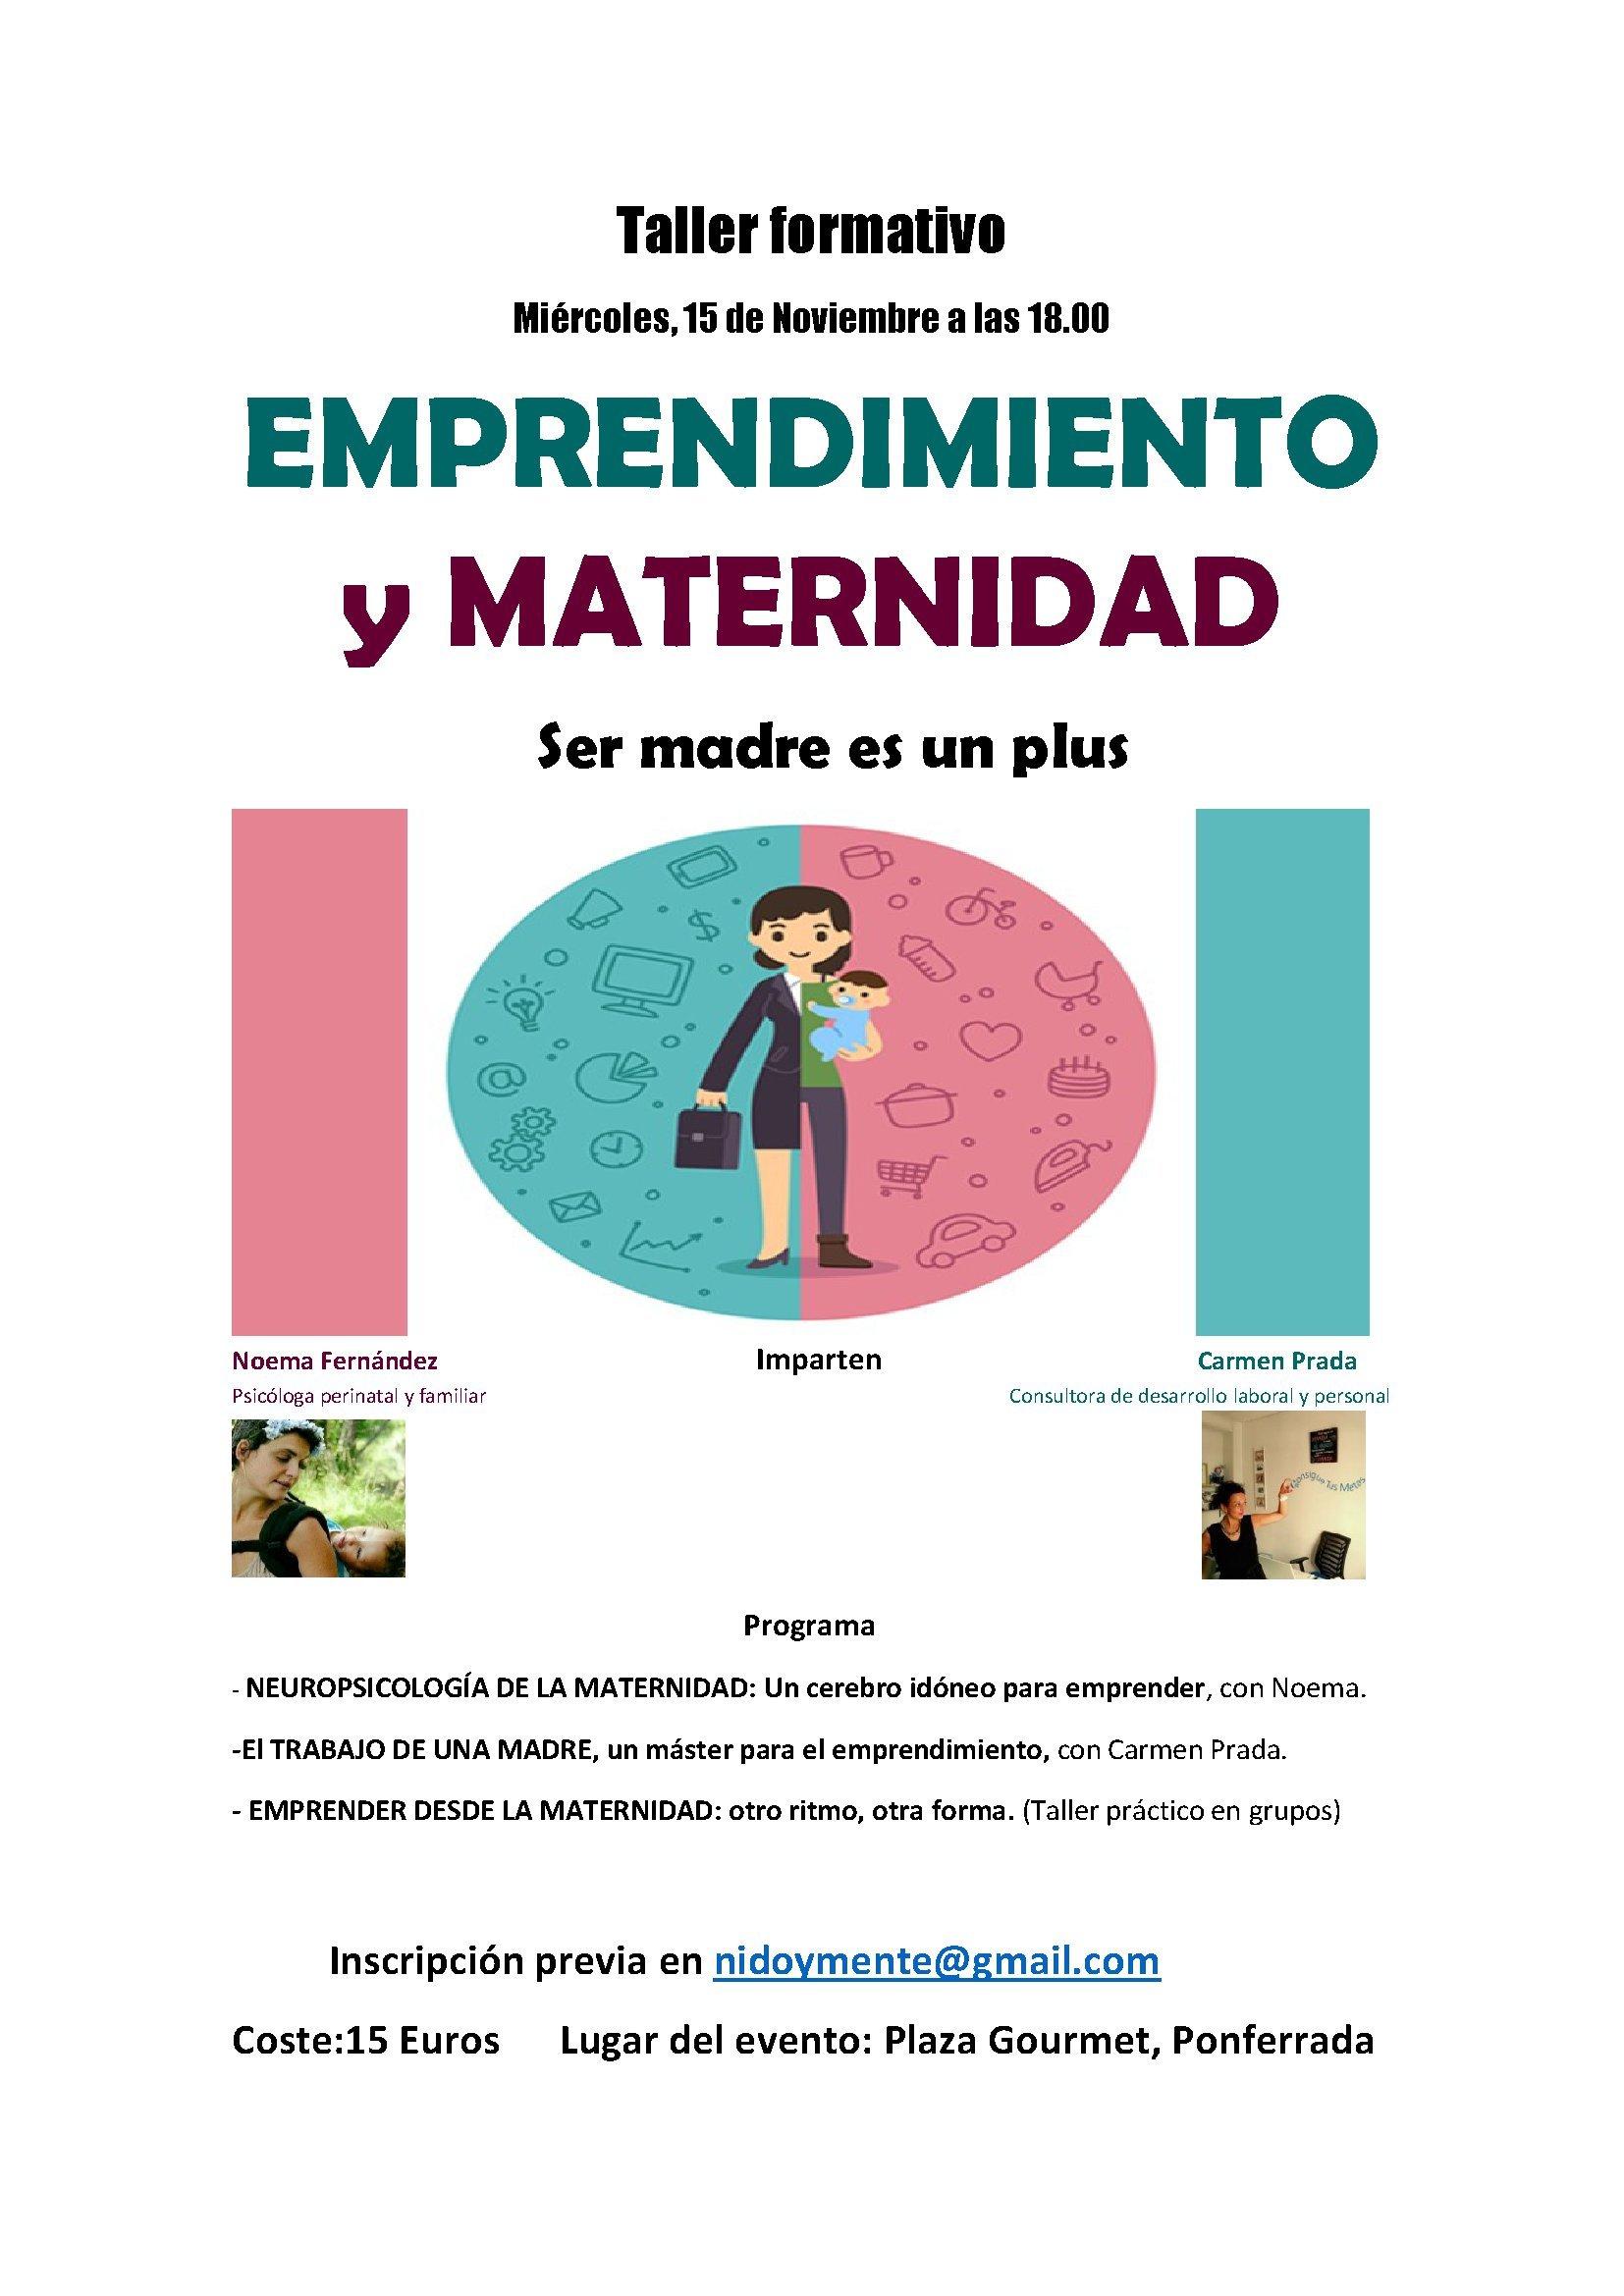 Evento emprendimiento y maternidad